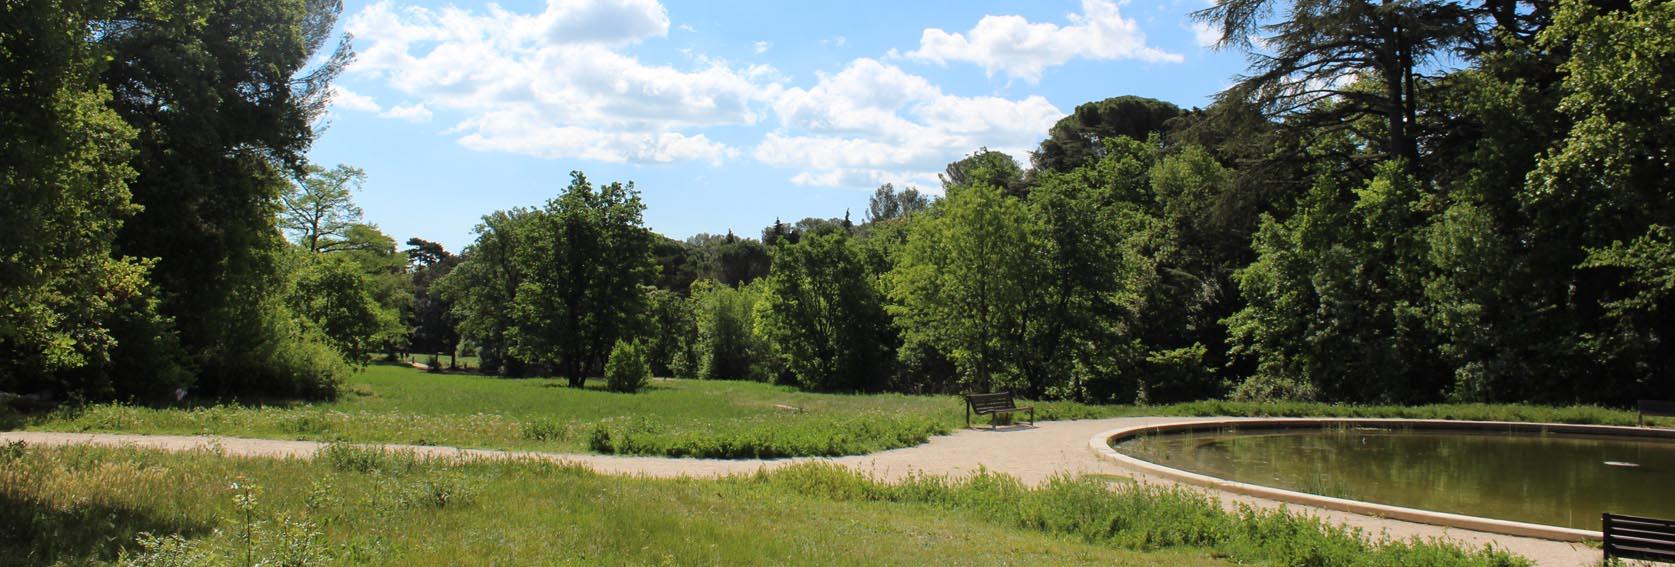 Parcs et jardins ville de montpellier for Parc du jard saint dizier